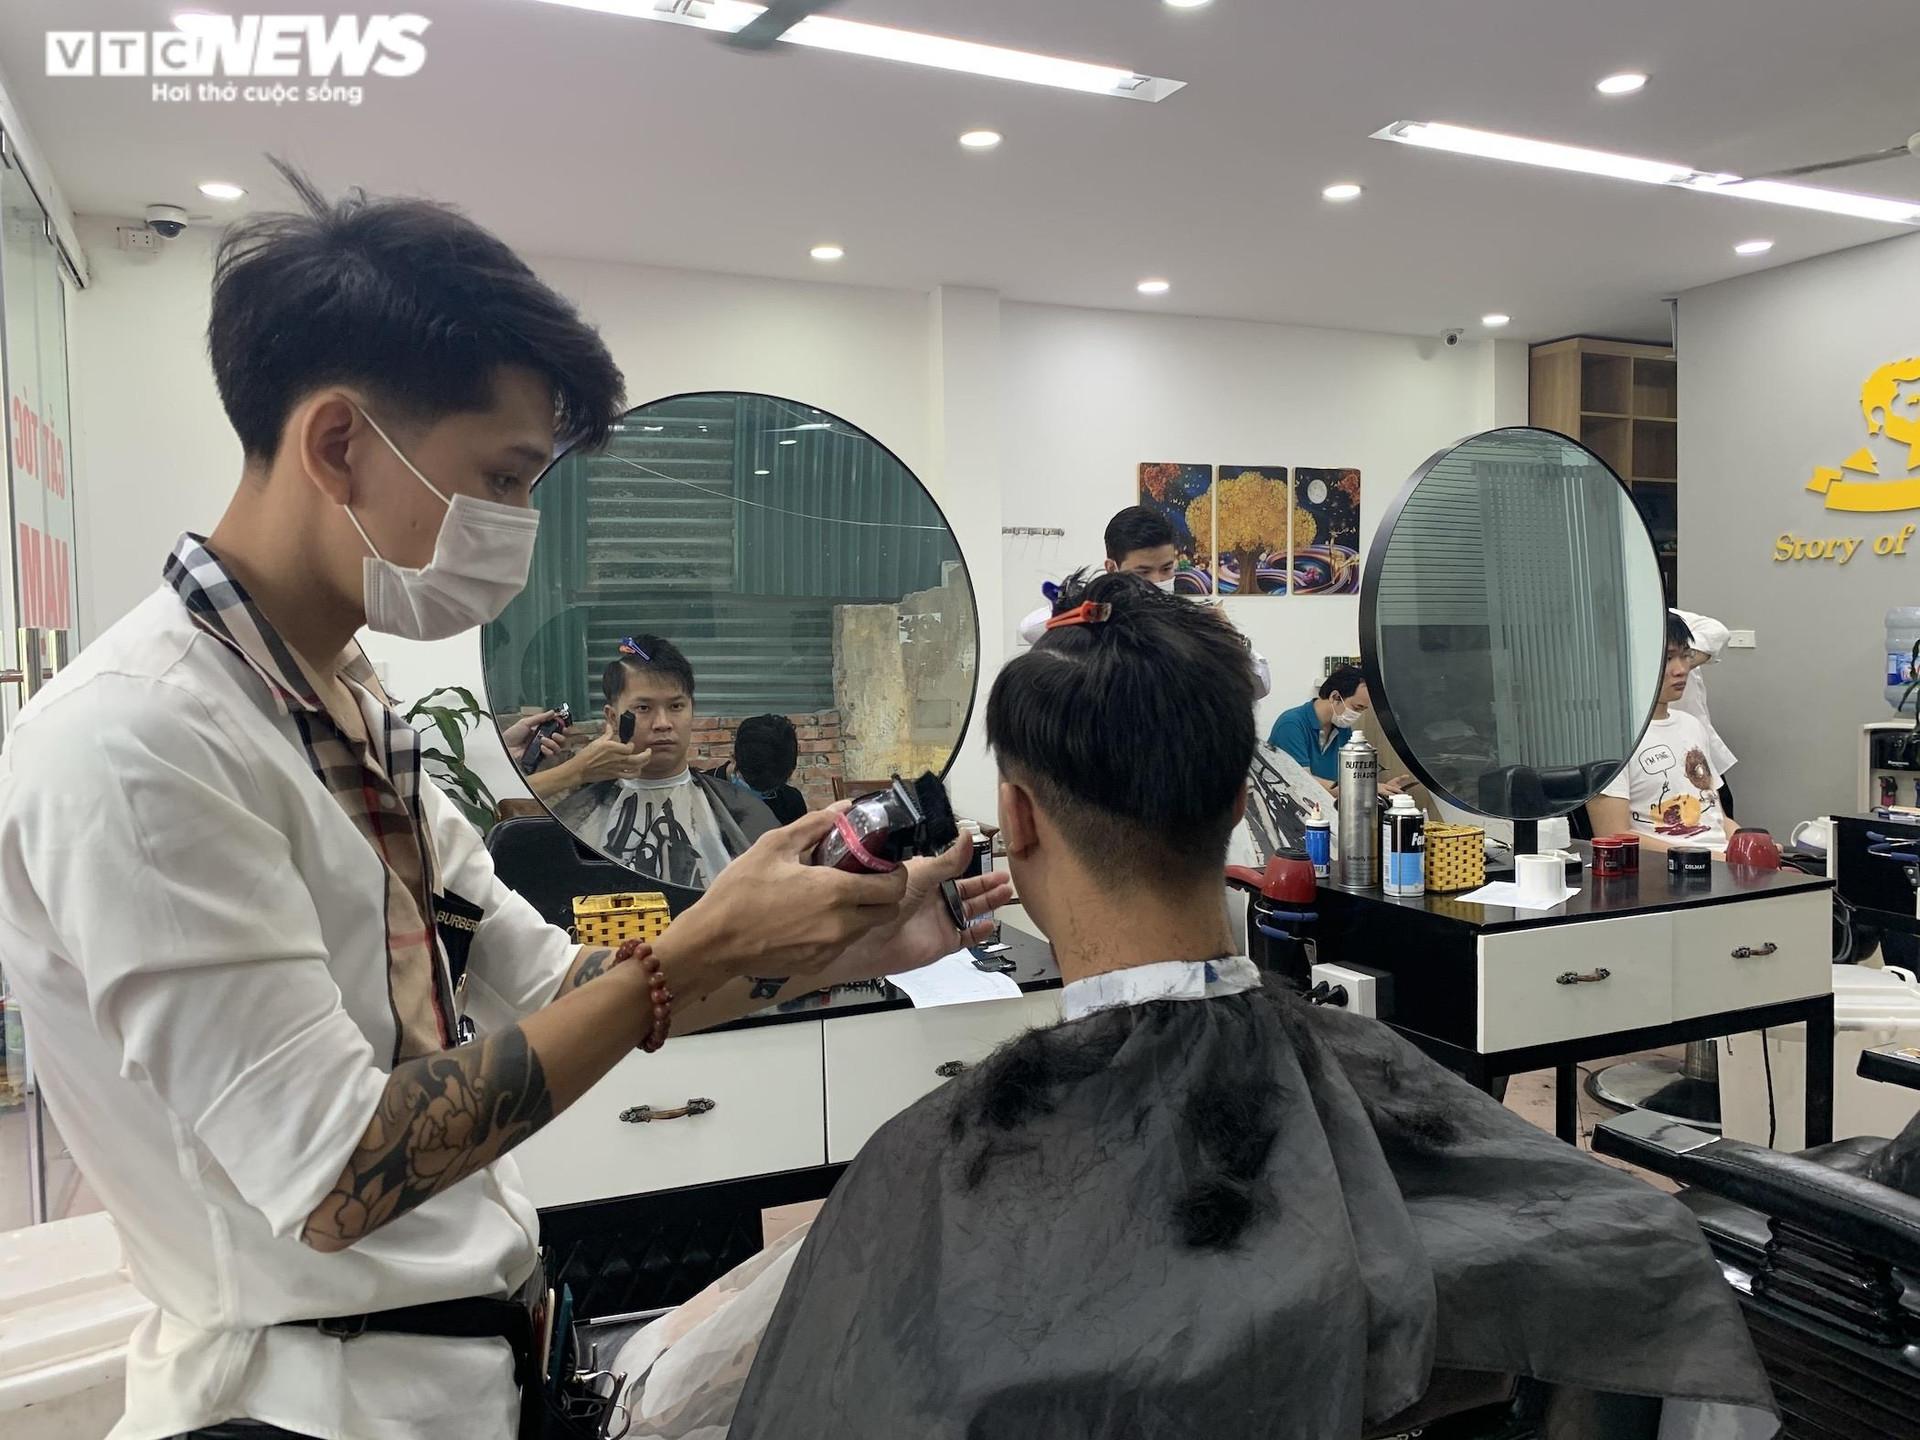 Hà Nội ngày đầu nới lỏng, thợ cắt tóc làm không kịp nghỉ - 6